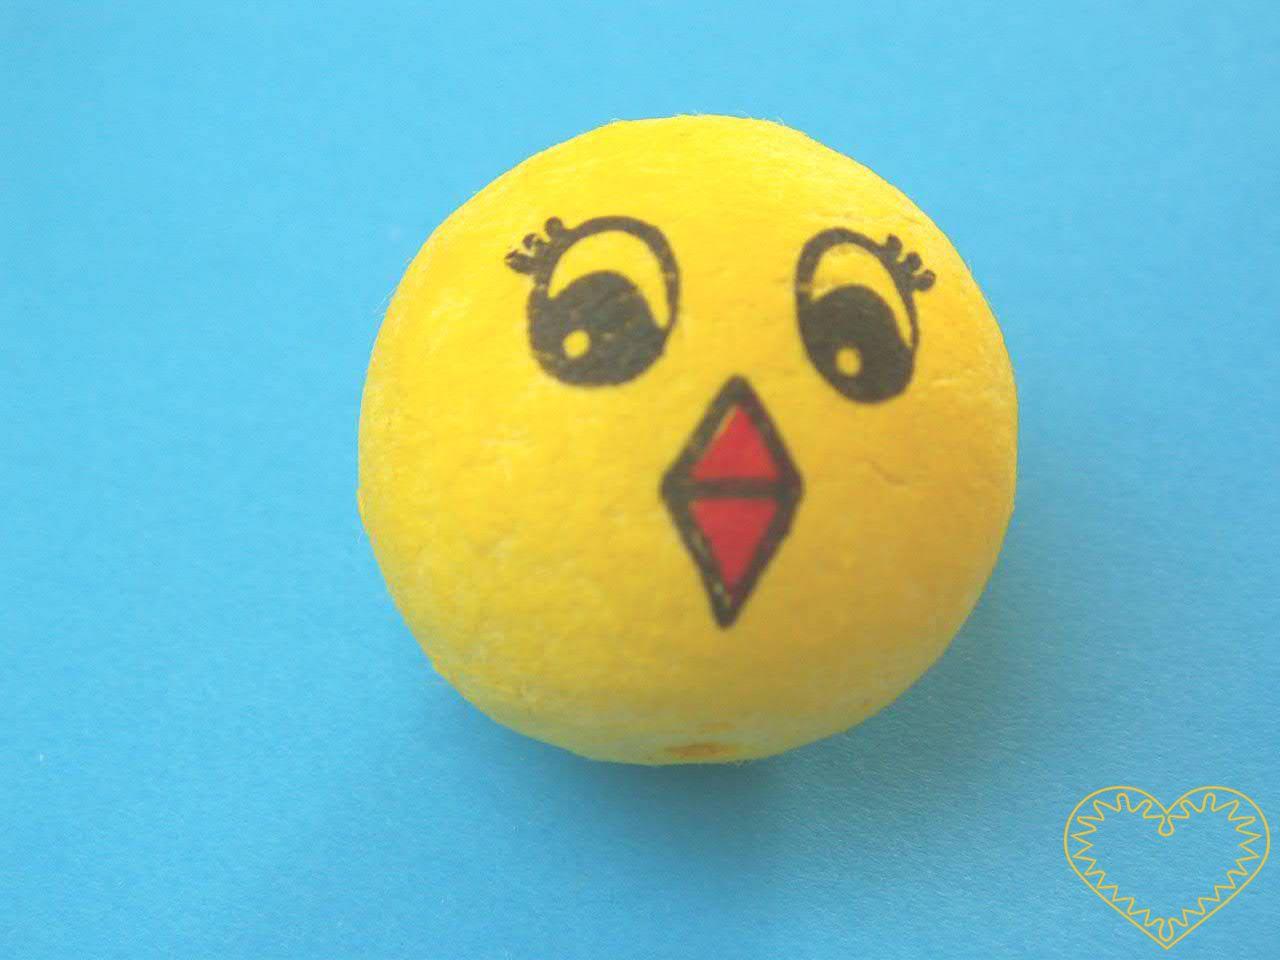 Vatová kulička ø 30 mm žluté barvy s tiskem obličeje kuřete. Vhodné k přípravě dekorací, lepení trojrozměrných figurek, ptáčků,malých prstových maňásků či loutek, aranžování, tvoření (i s dětmi).